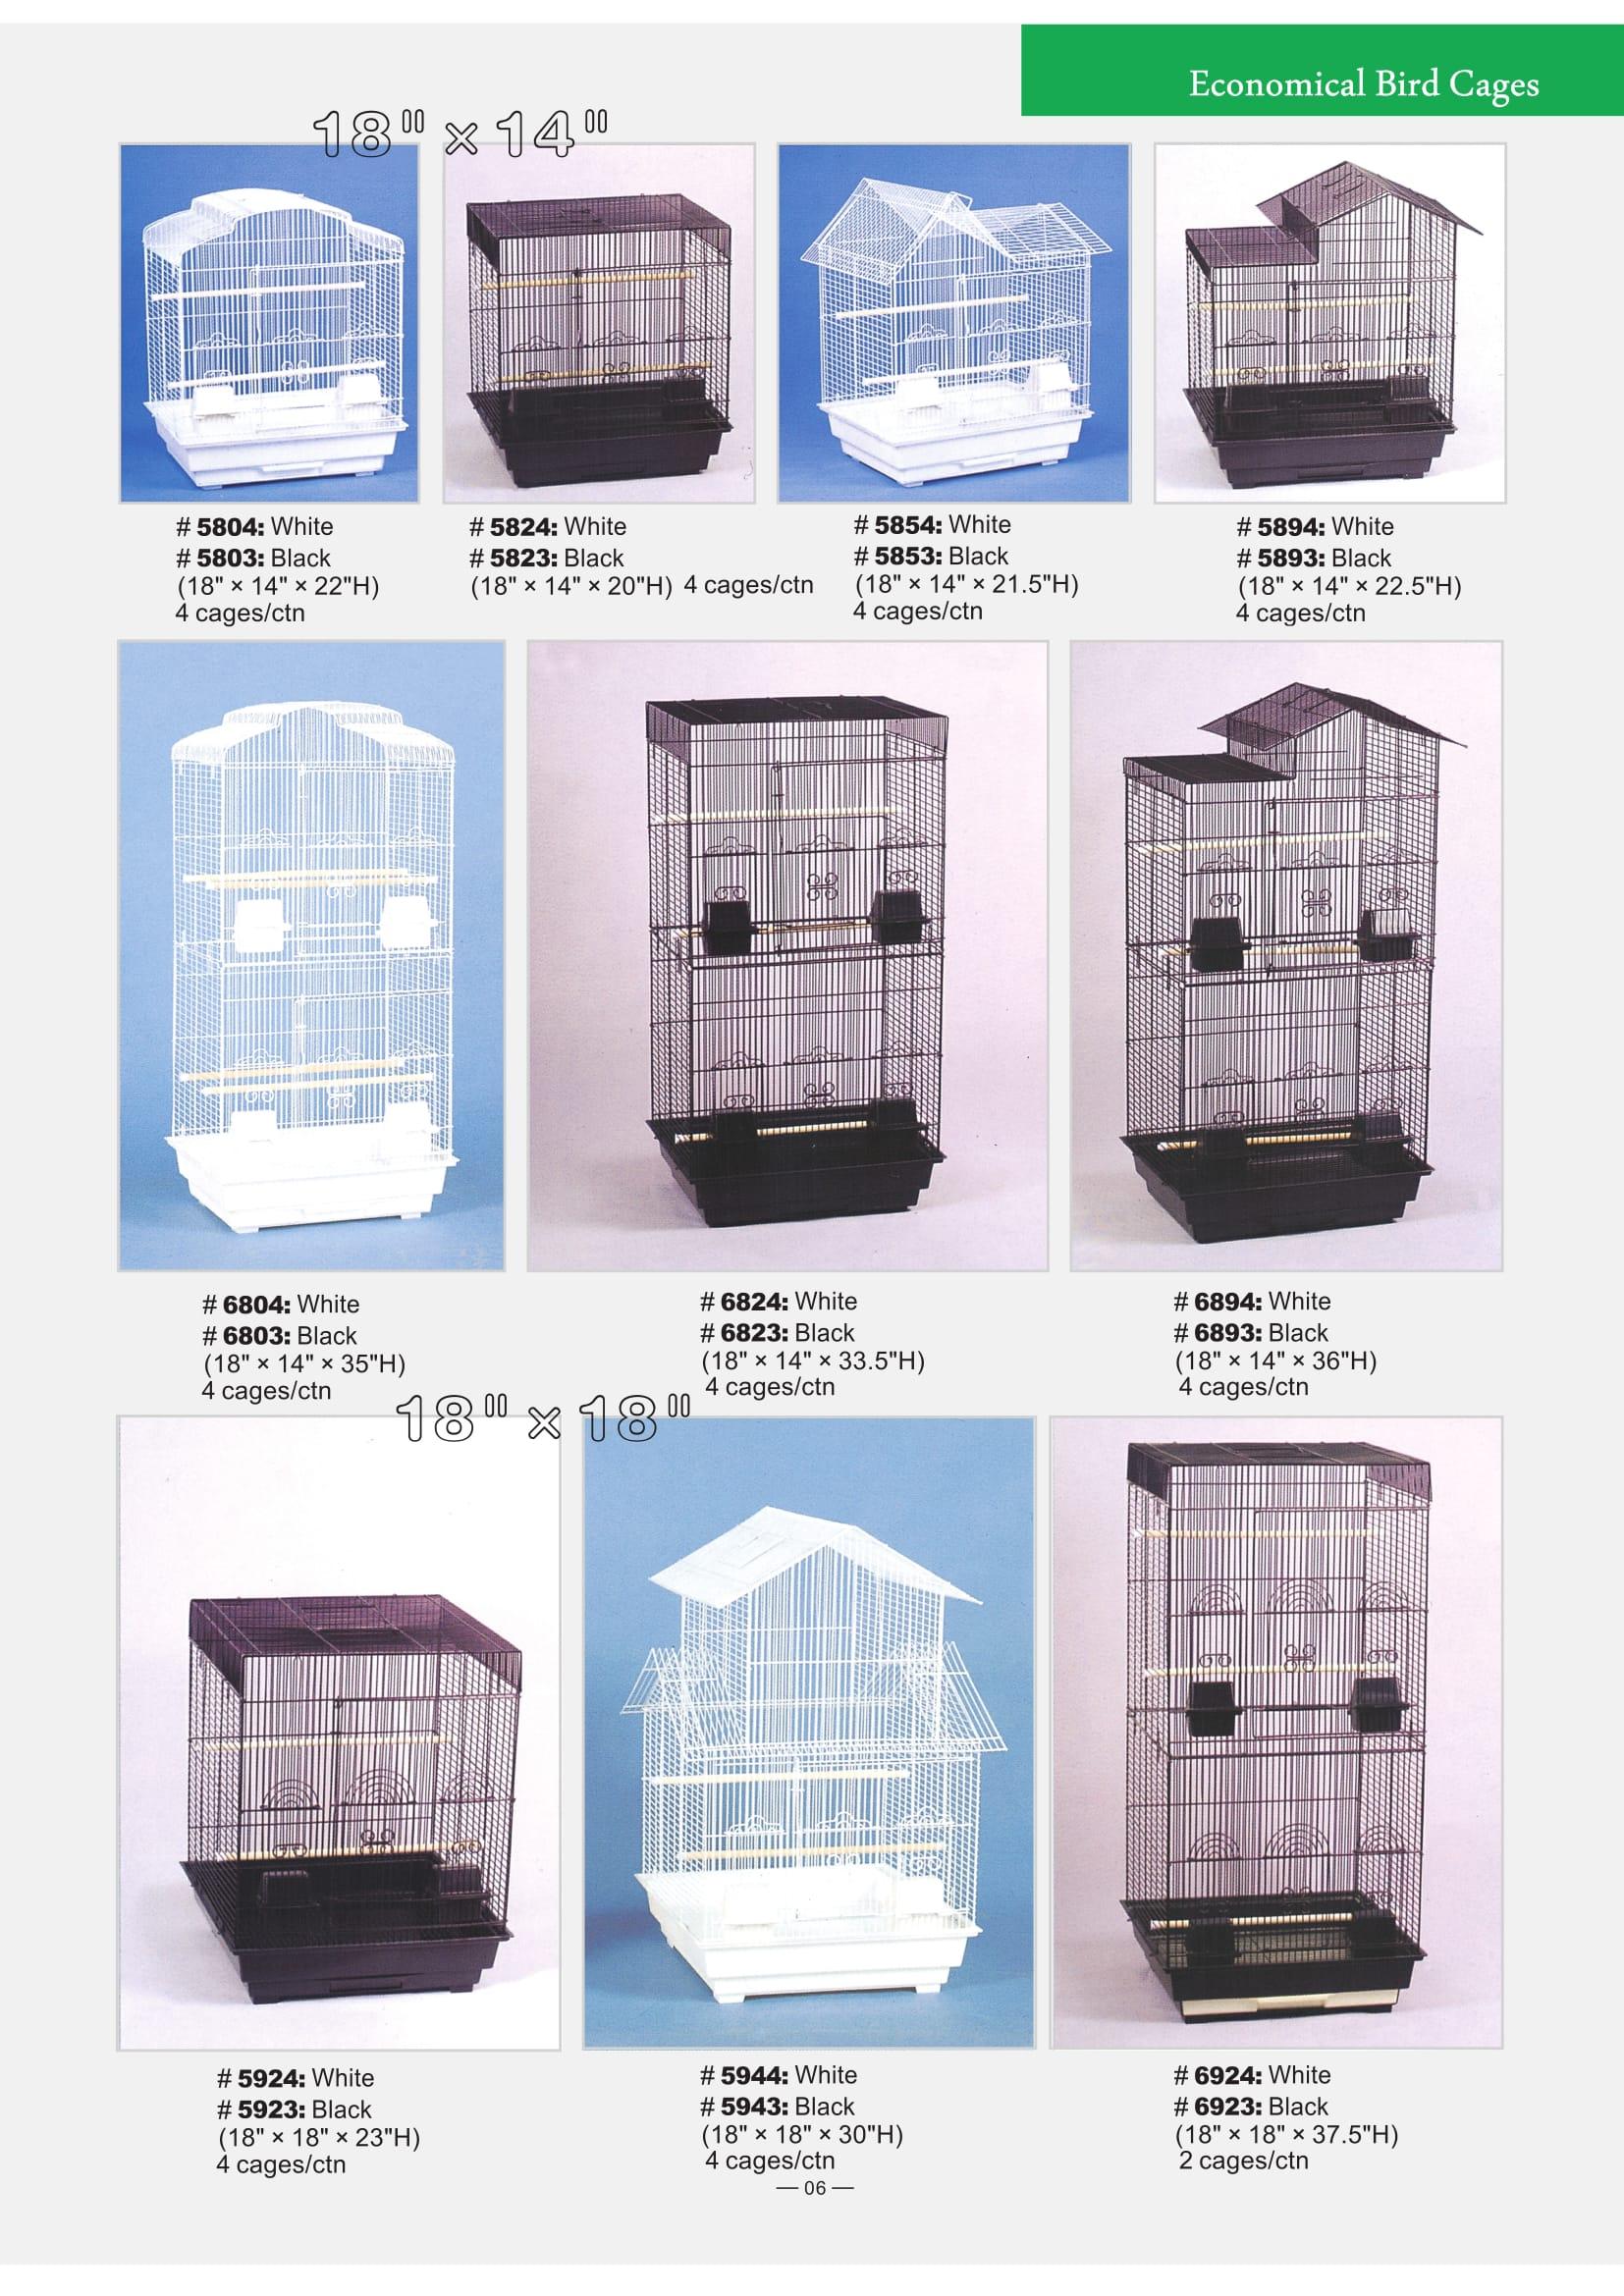 2. Economical Bird Cages part 2-3